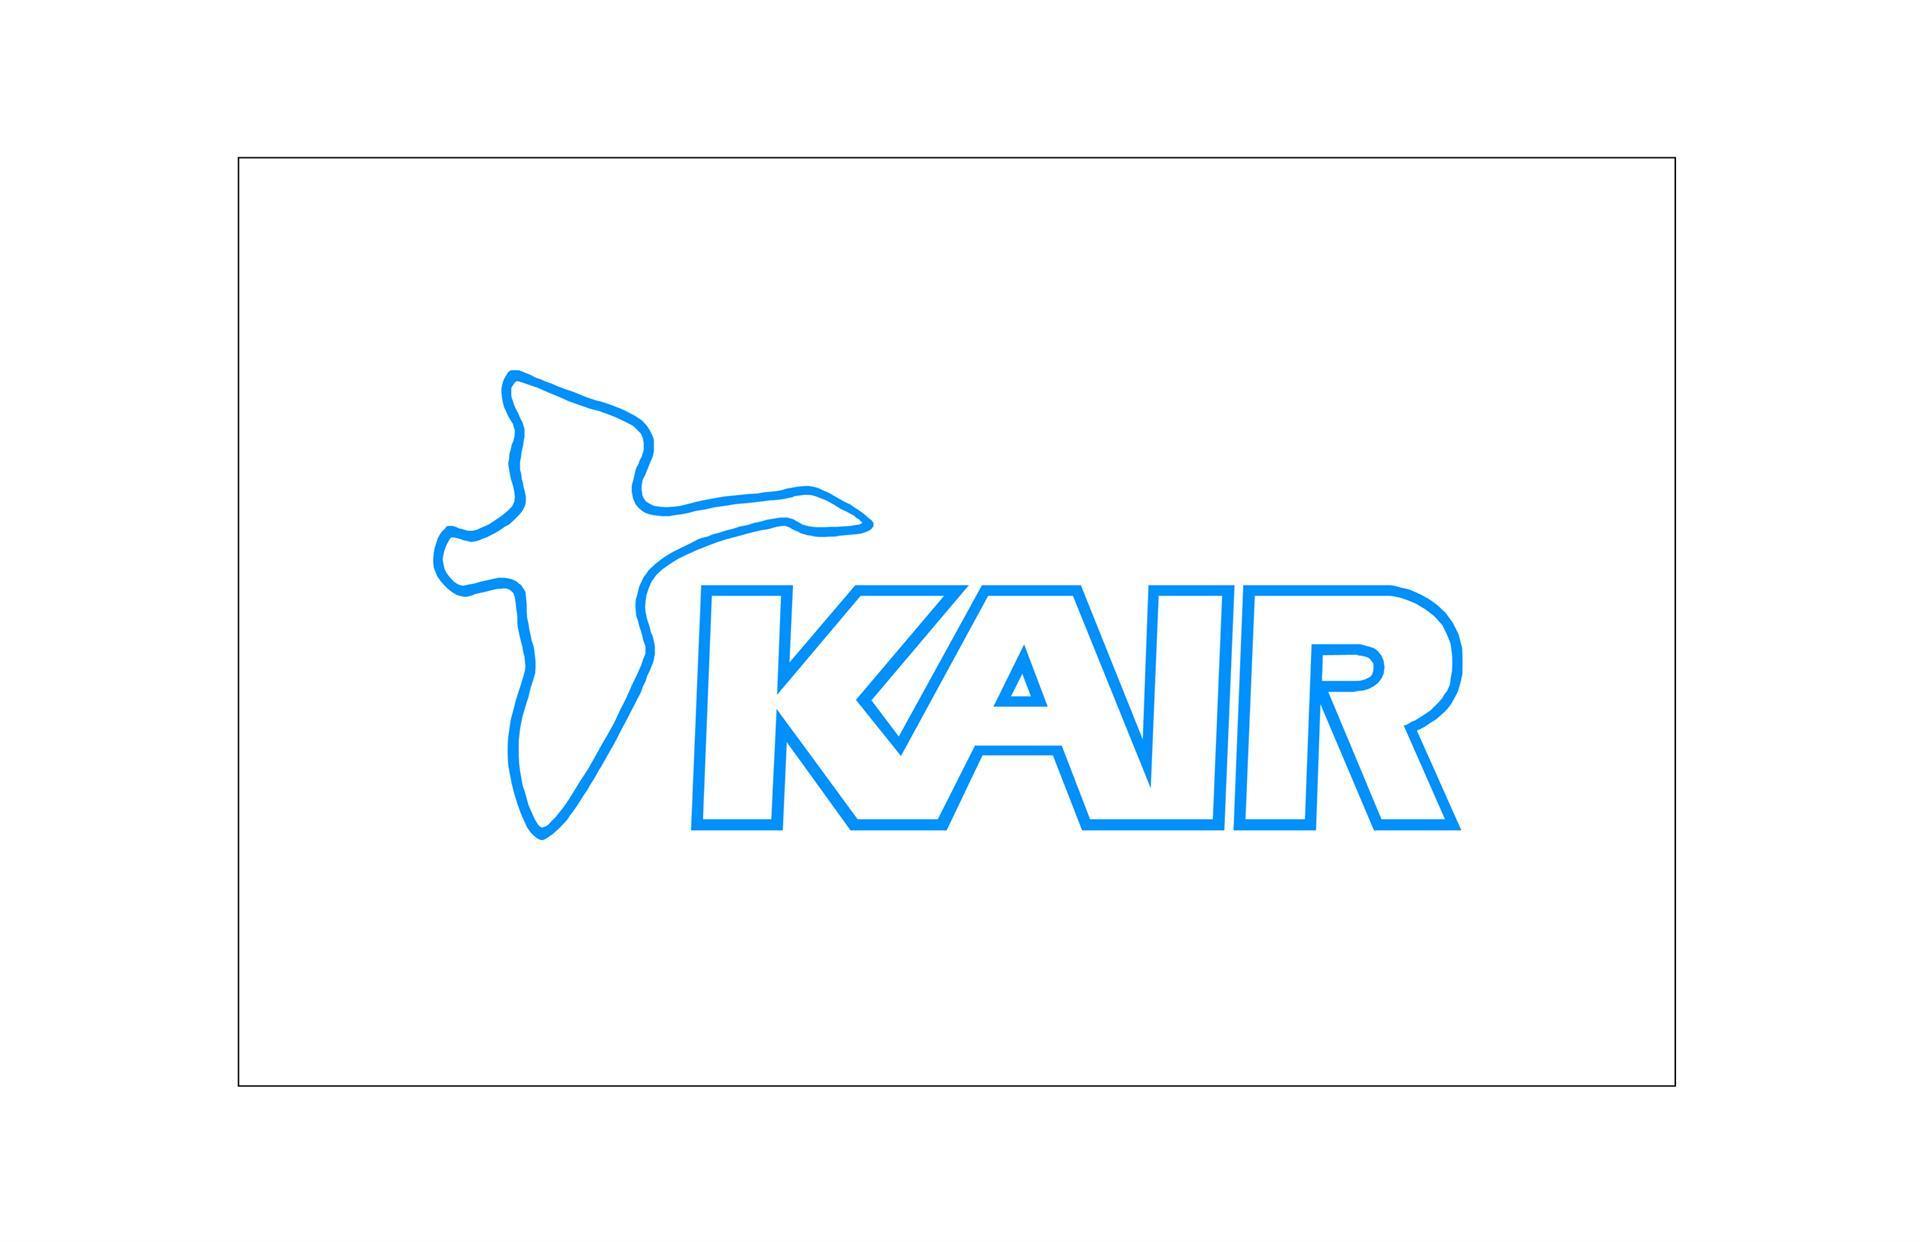 Klimatfabriken logo